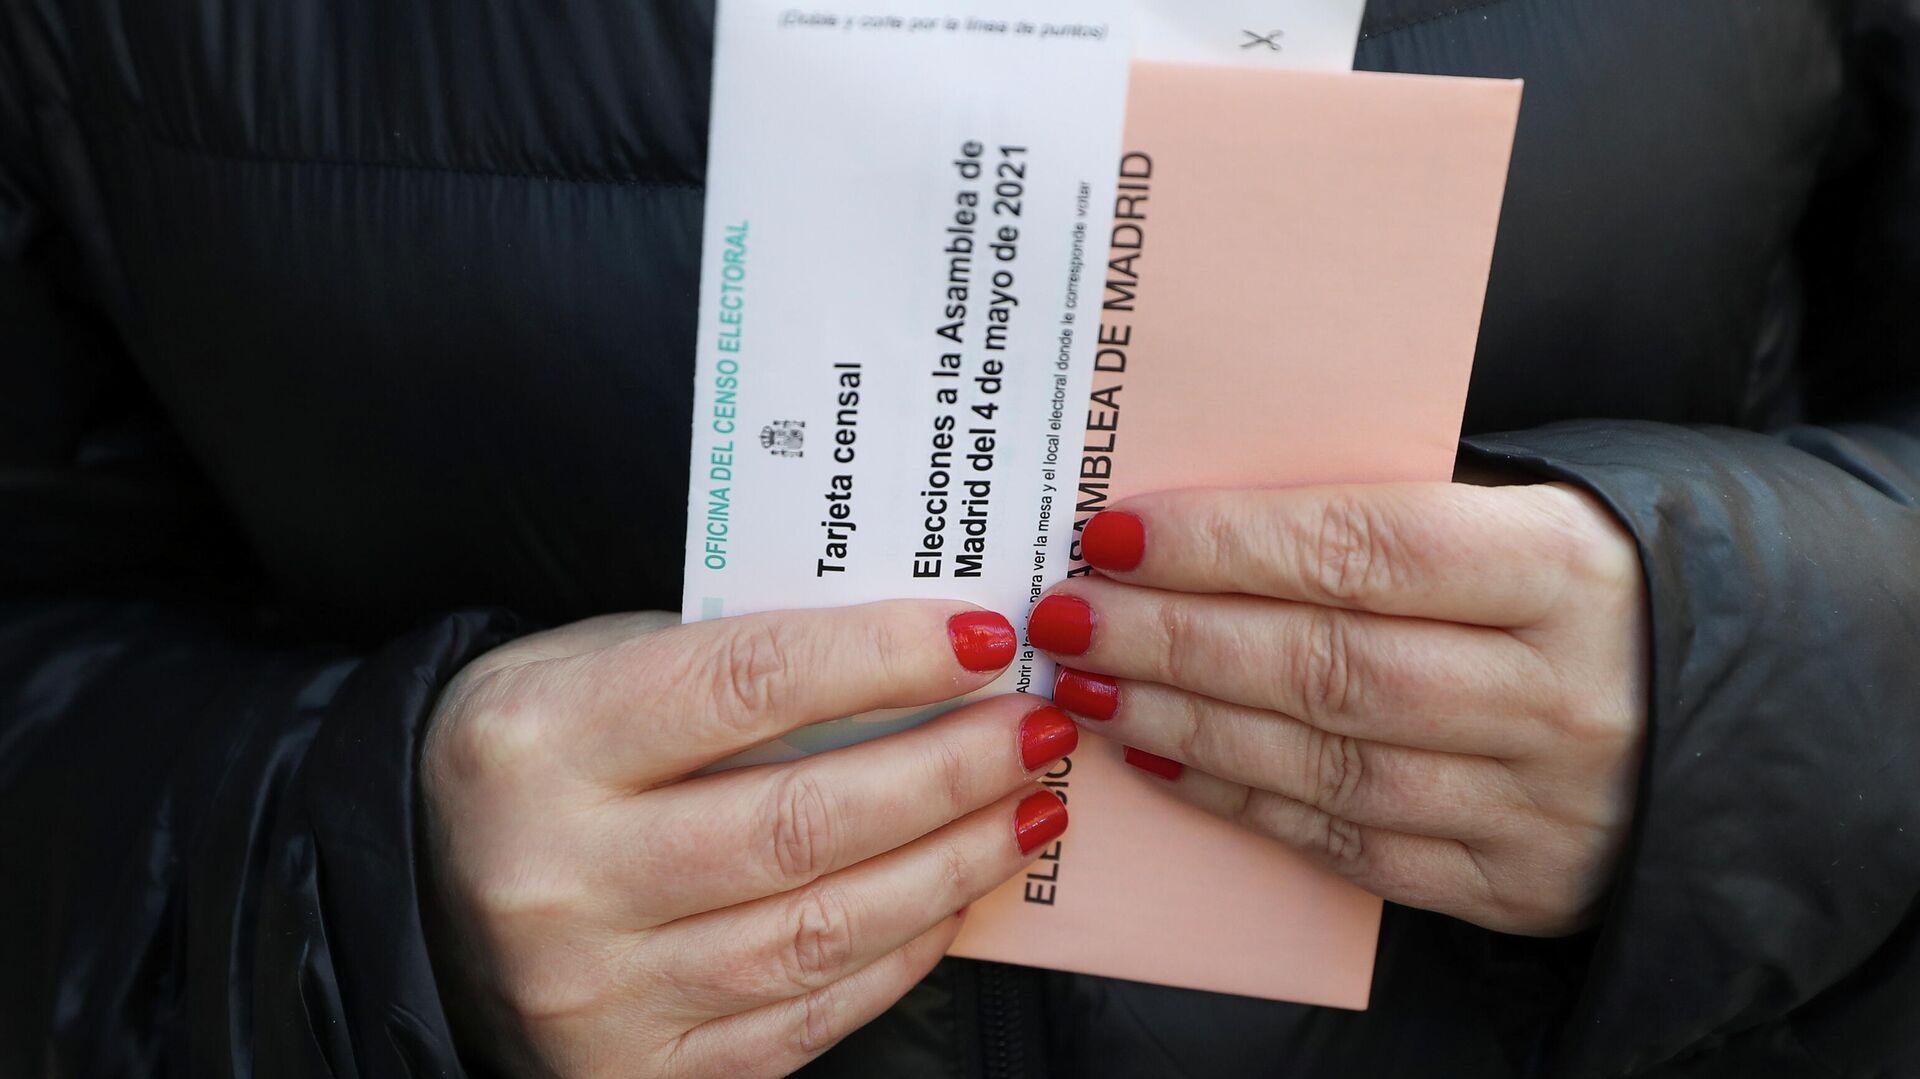 Elecciones en la Comunidad de Madrid - Sputnik Mundo, 1920, 04.05.2021